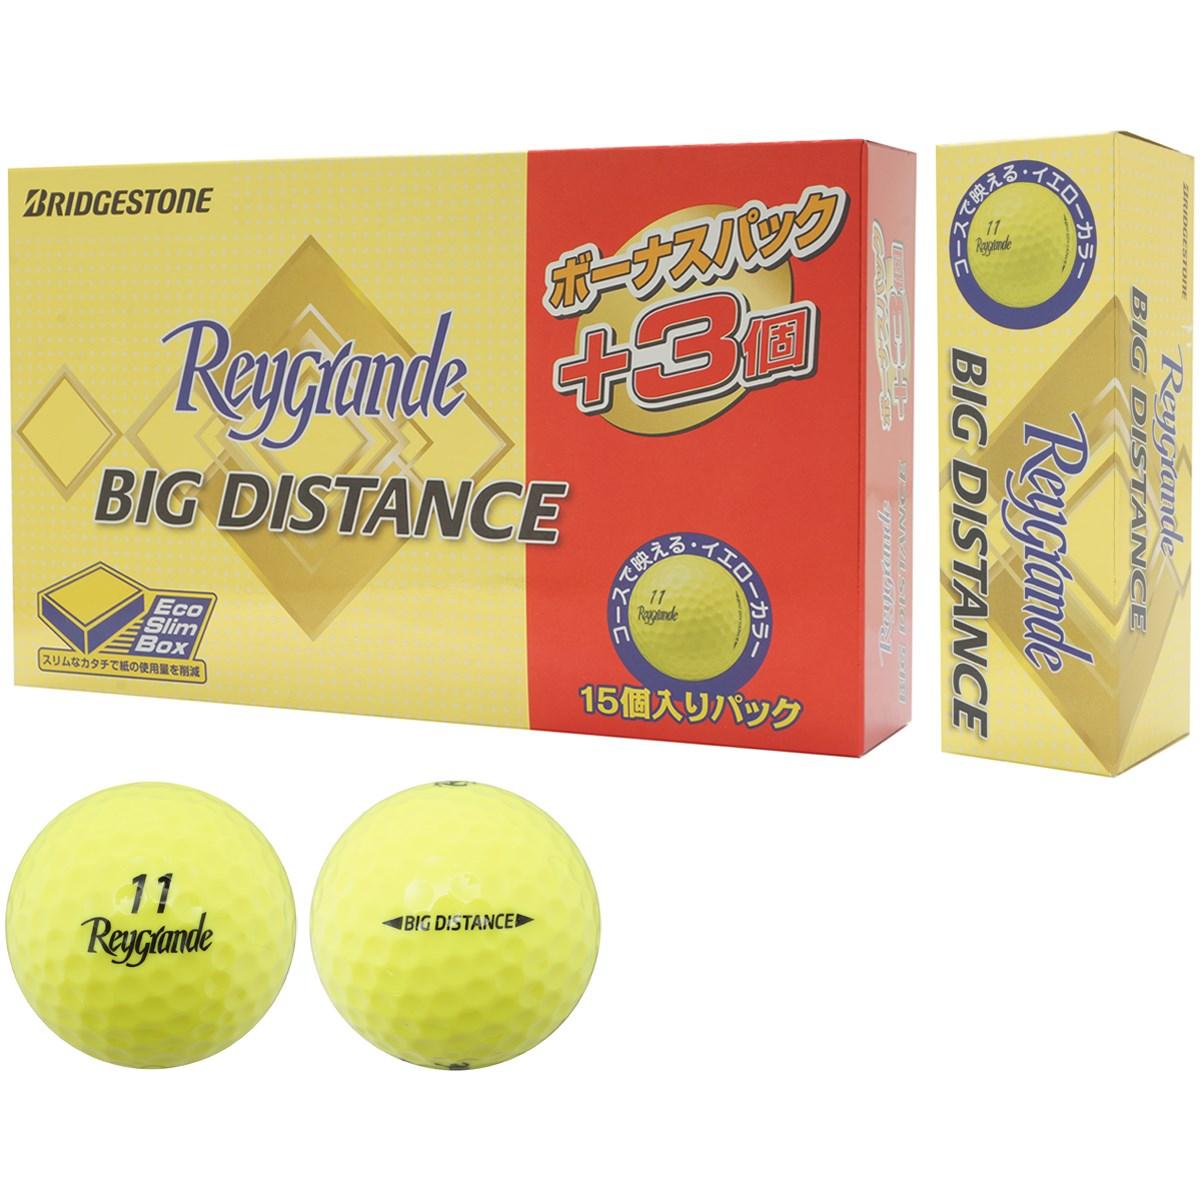 ブリヂストン(BRIDGESTONE GOLF) レイグランデ ビッグディスタンス ボール ボーナスパック 15個入り